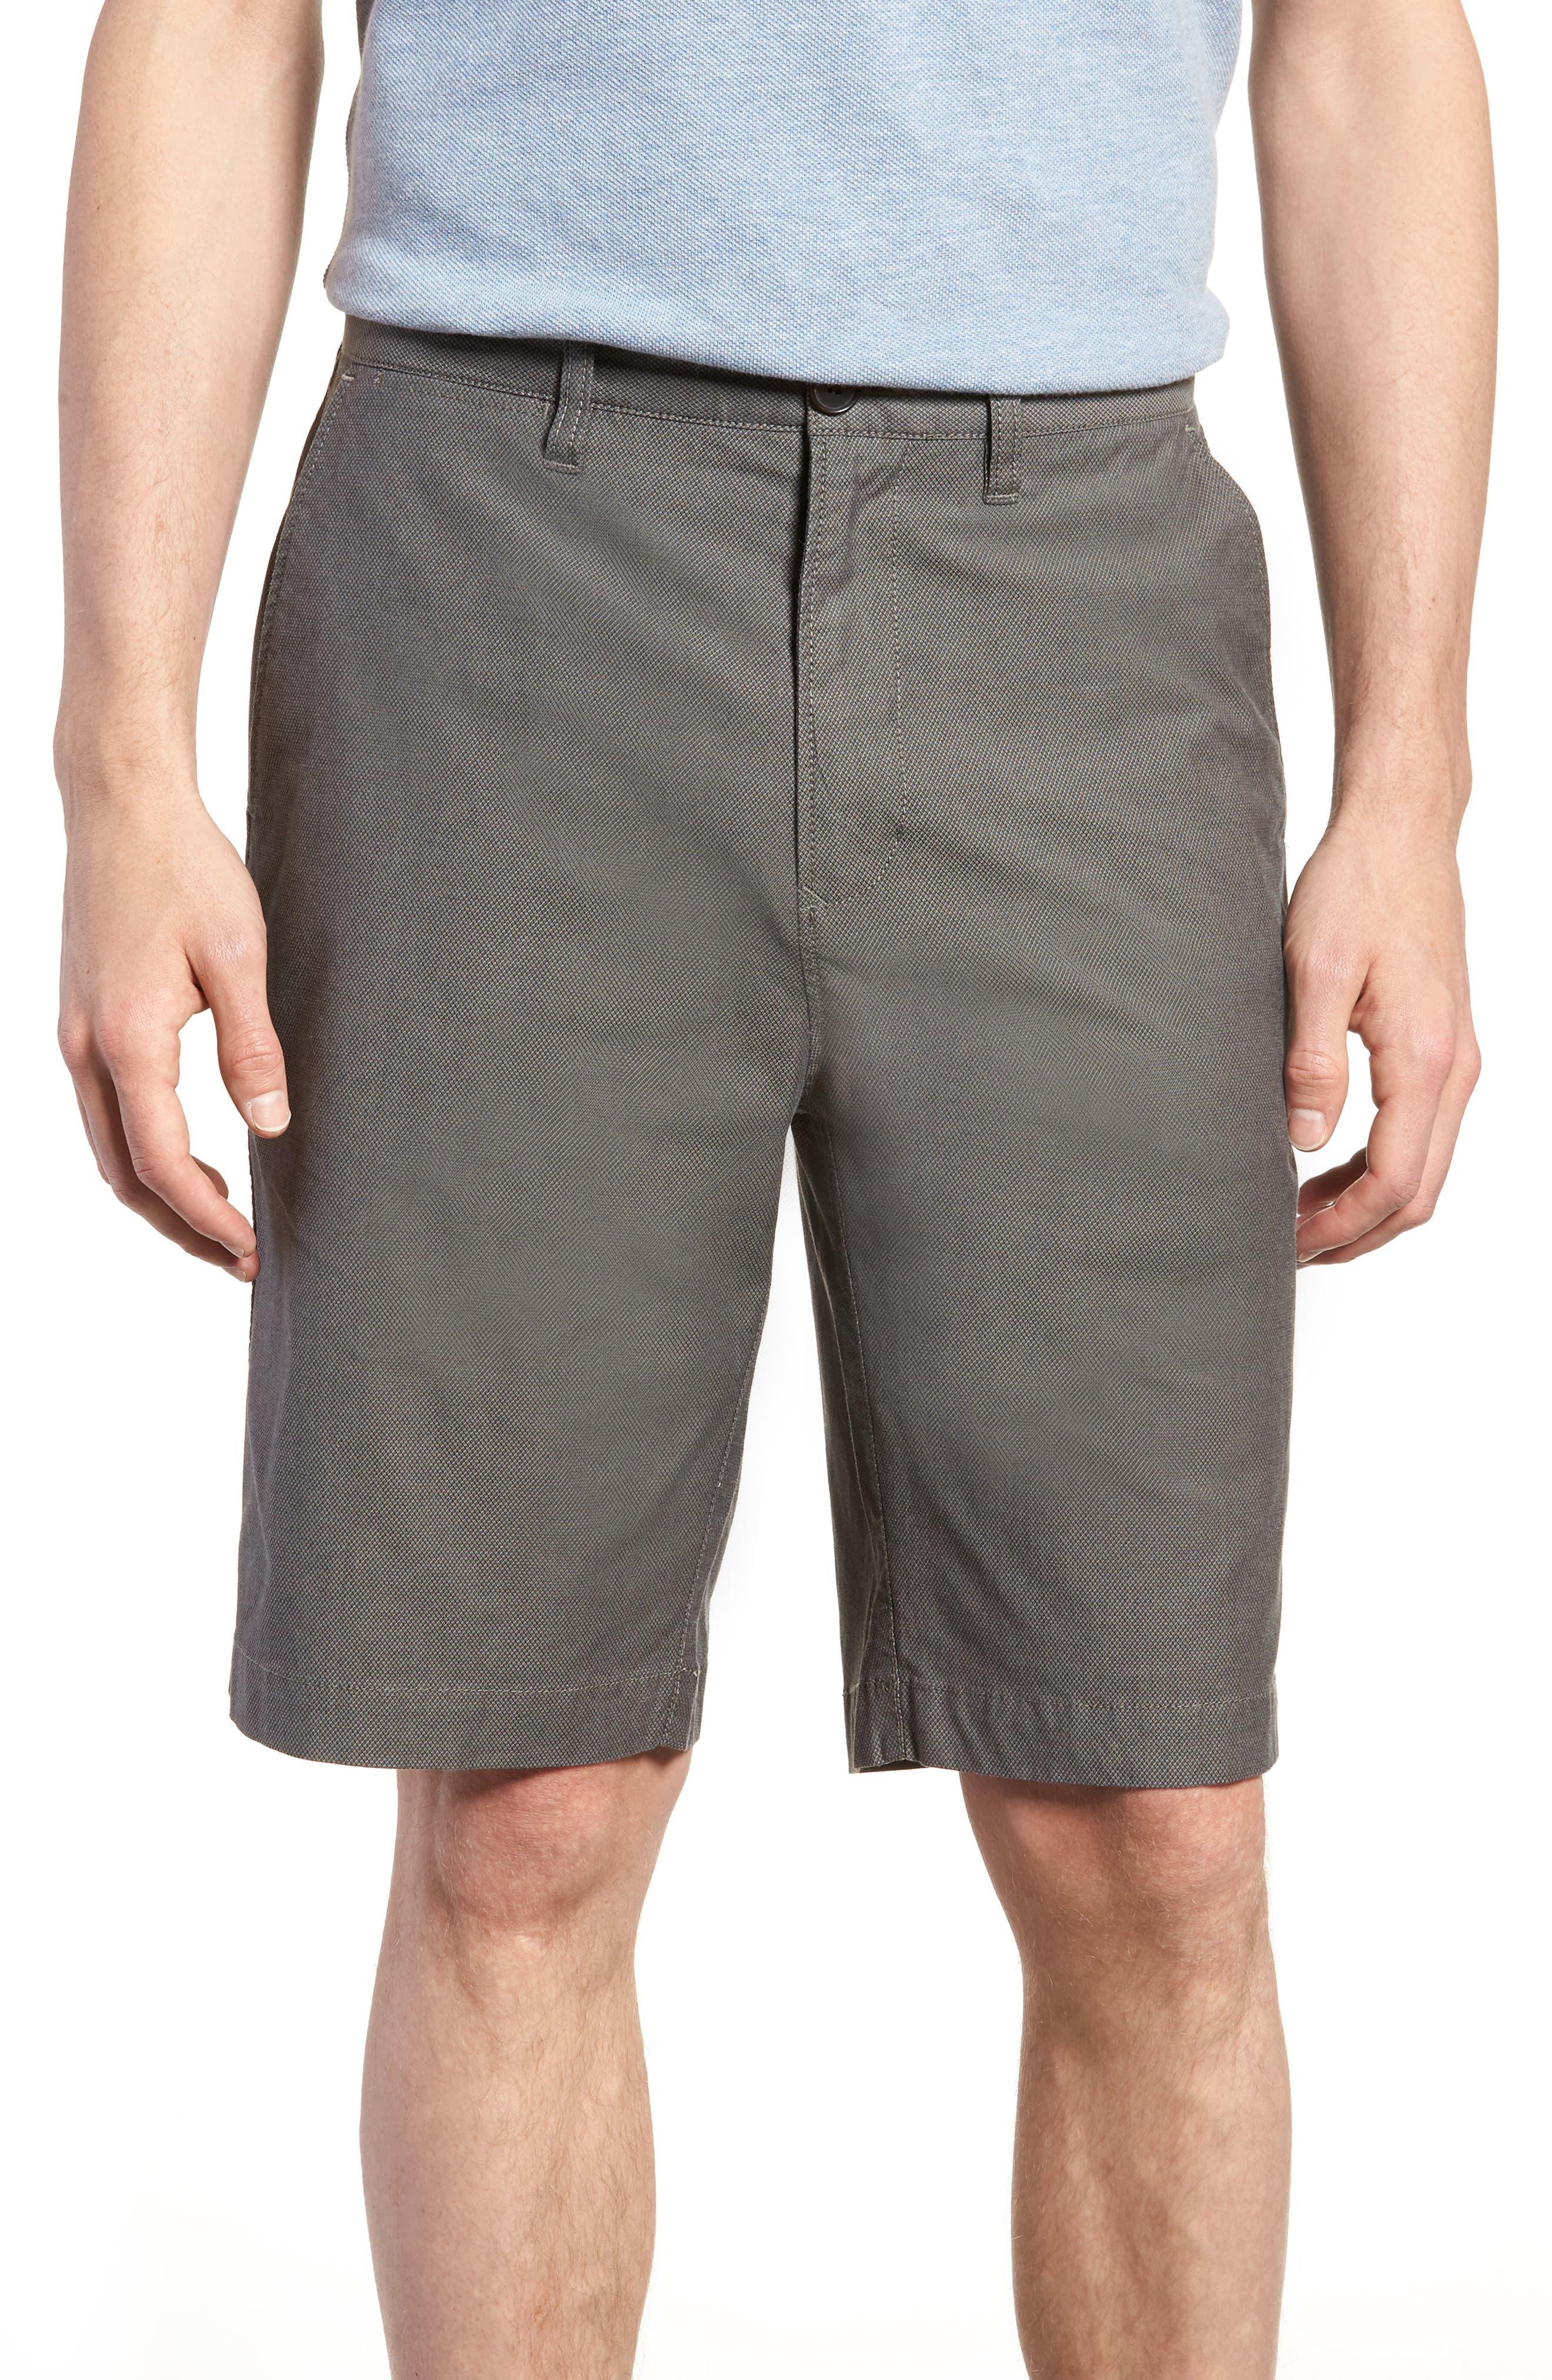 Army Bay Regular Fit Shorts,                             Main thumbnail 1, color,                             Granite